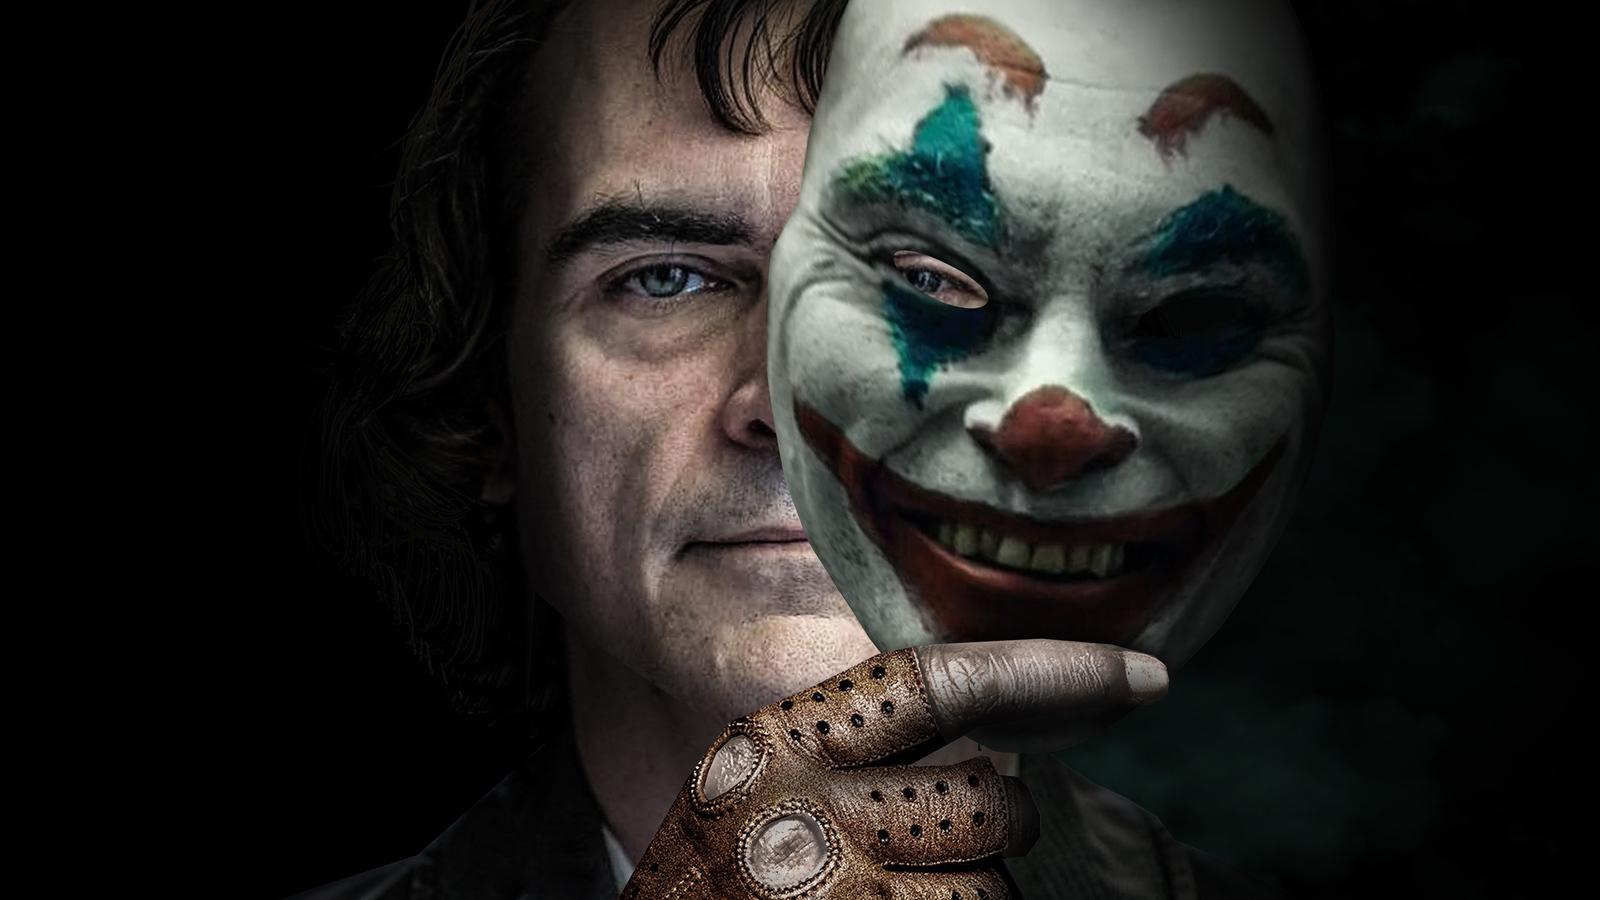 joker-2019-movie-4k-g0.jpg